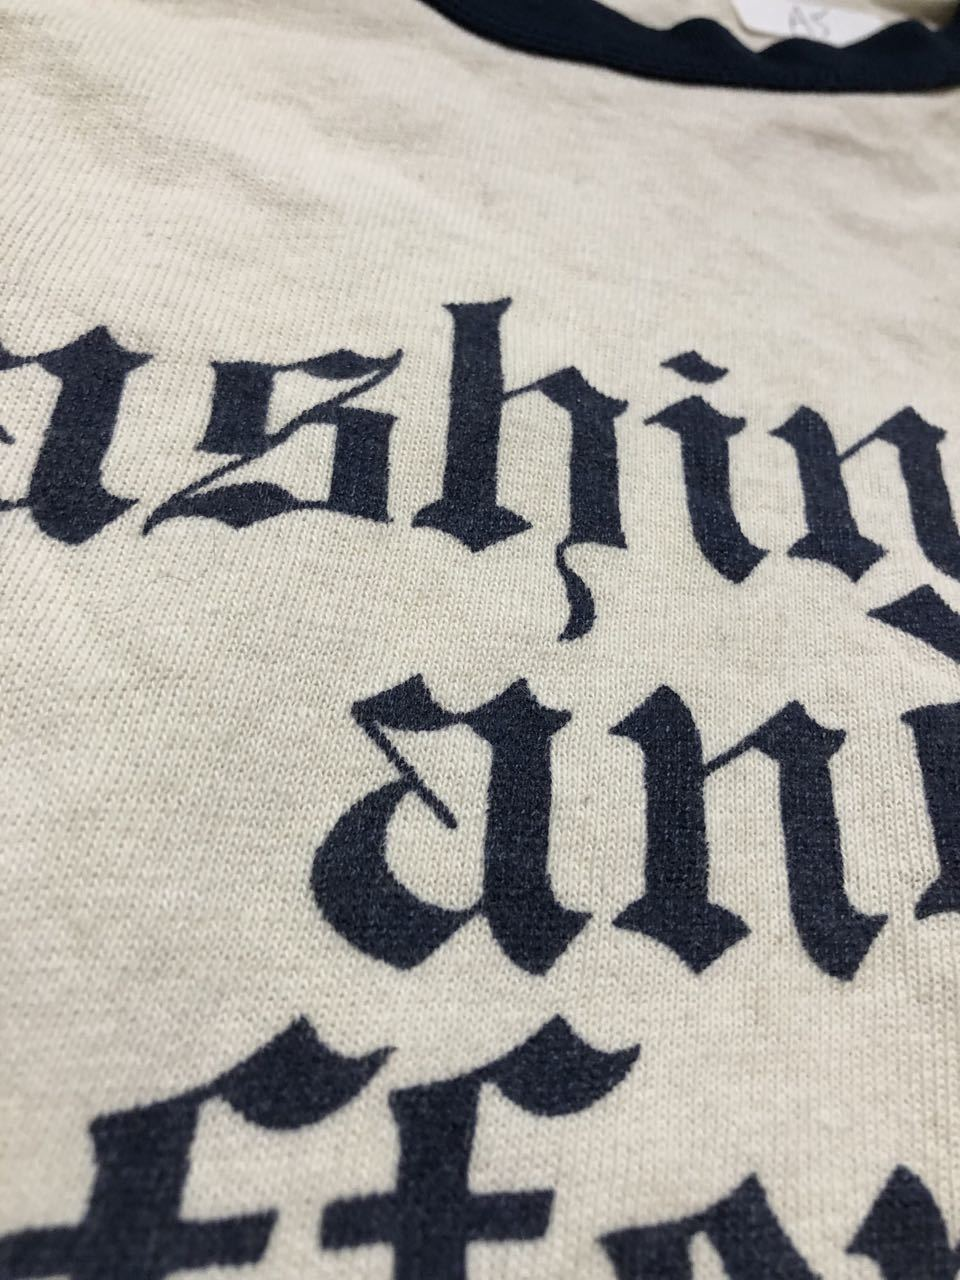 アメリカ仕入れ情報#28 3/14(土)入荷!70s all cotton 染み込みプリント BASEBALL シャツ!_c0144020_14032476.jpg